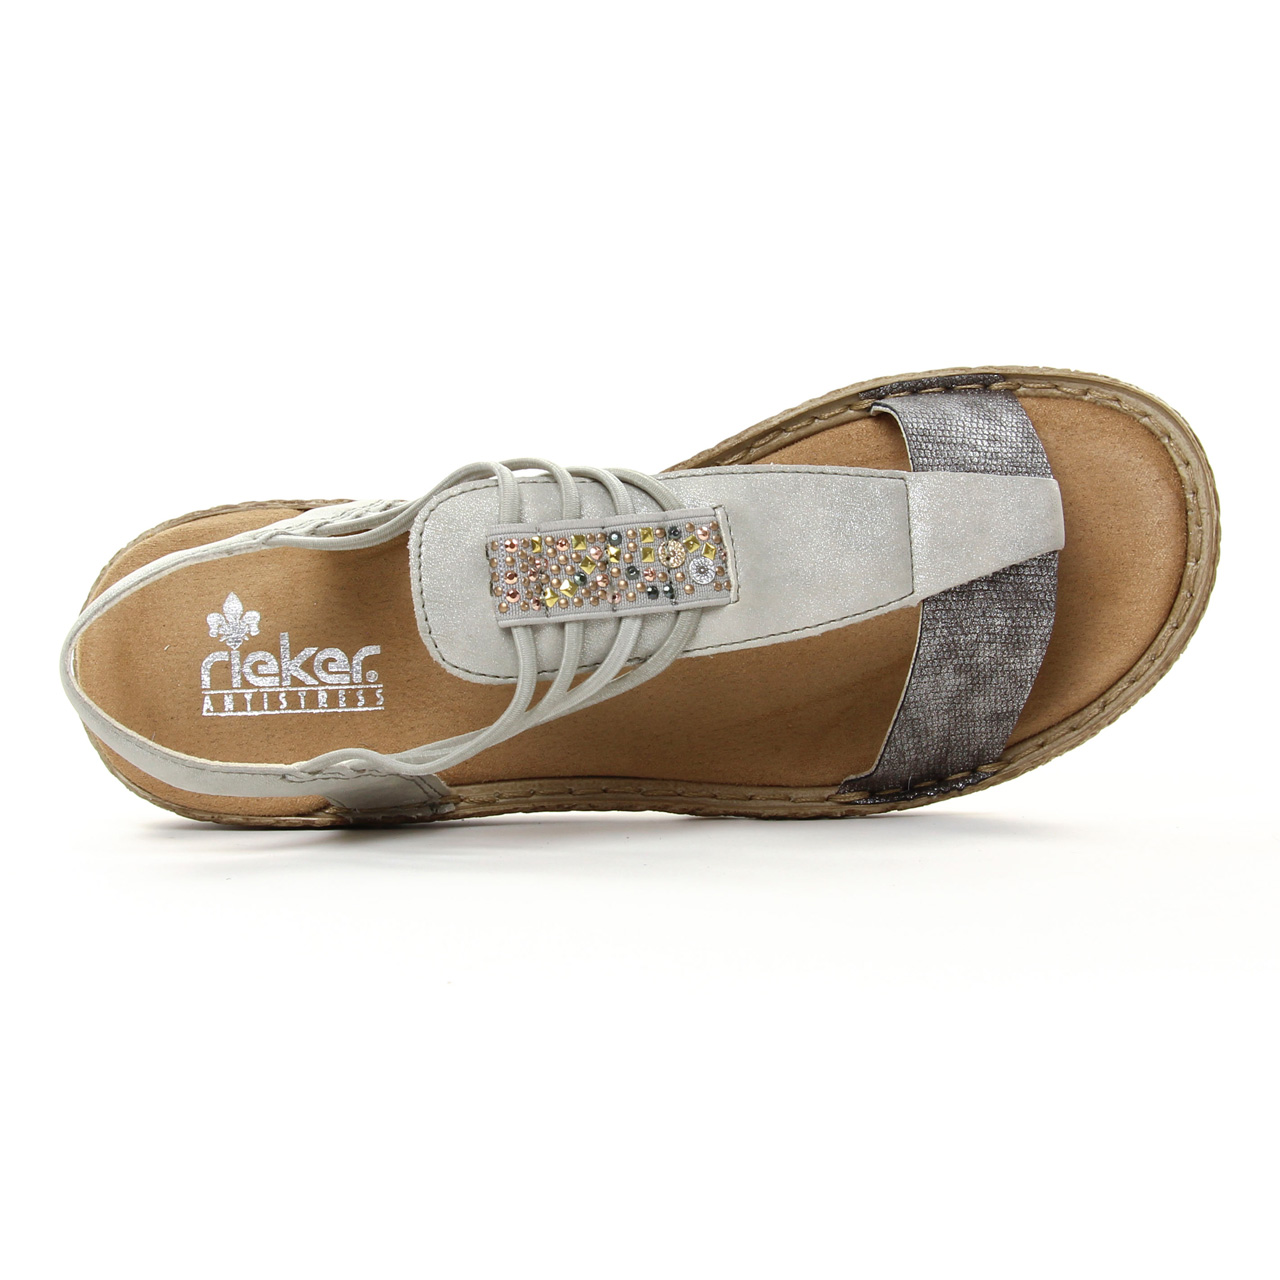 Rieker 658Y3 90 Altsilber | sandales gris argent printemps